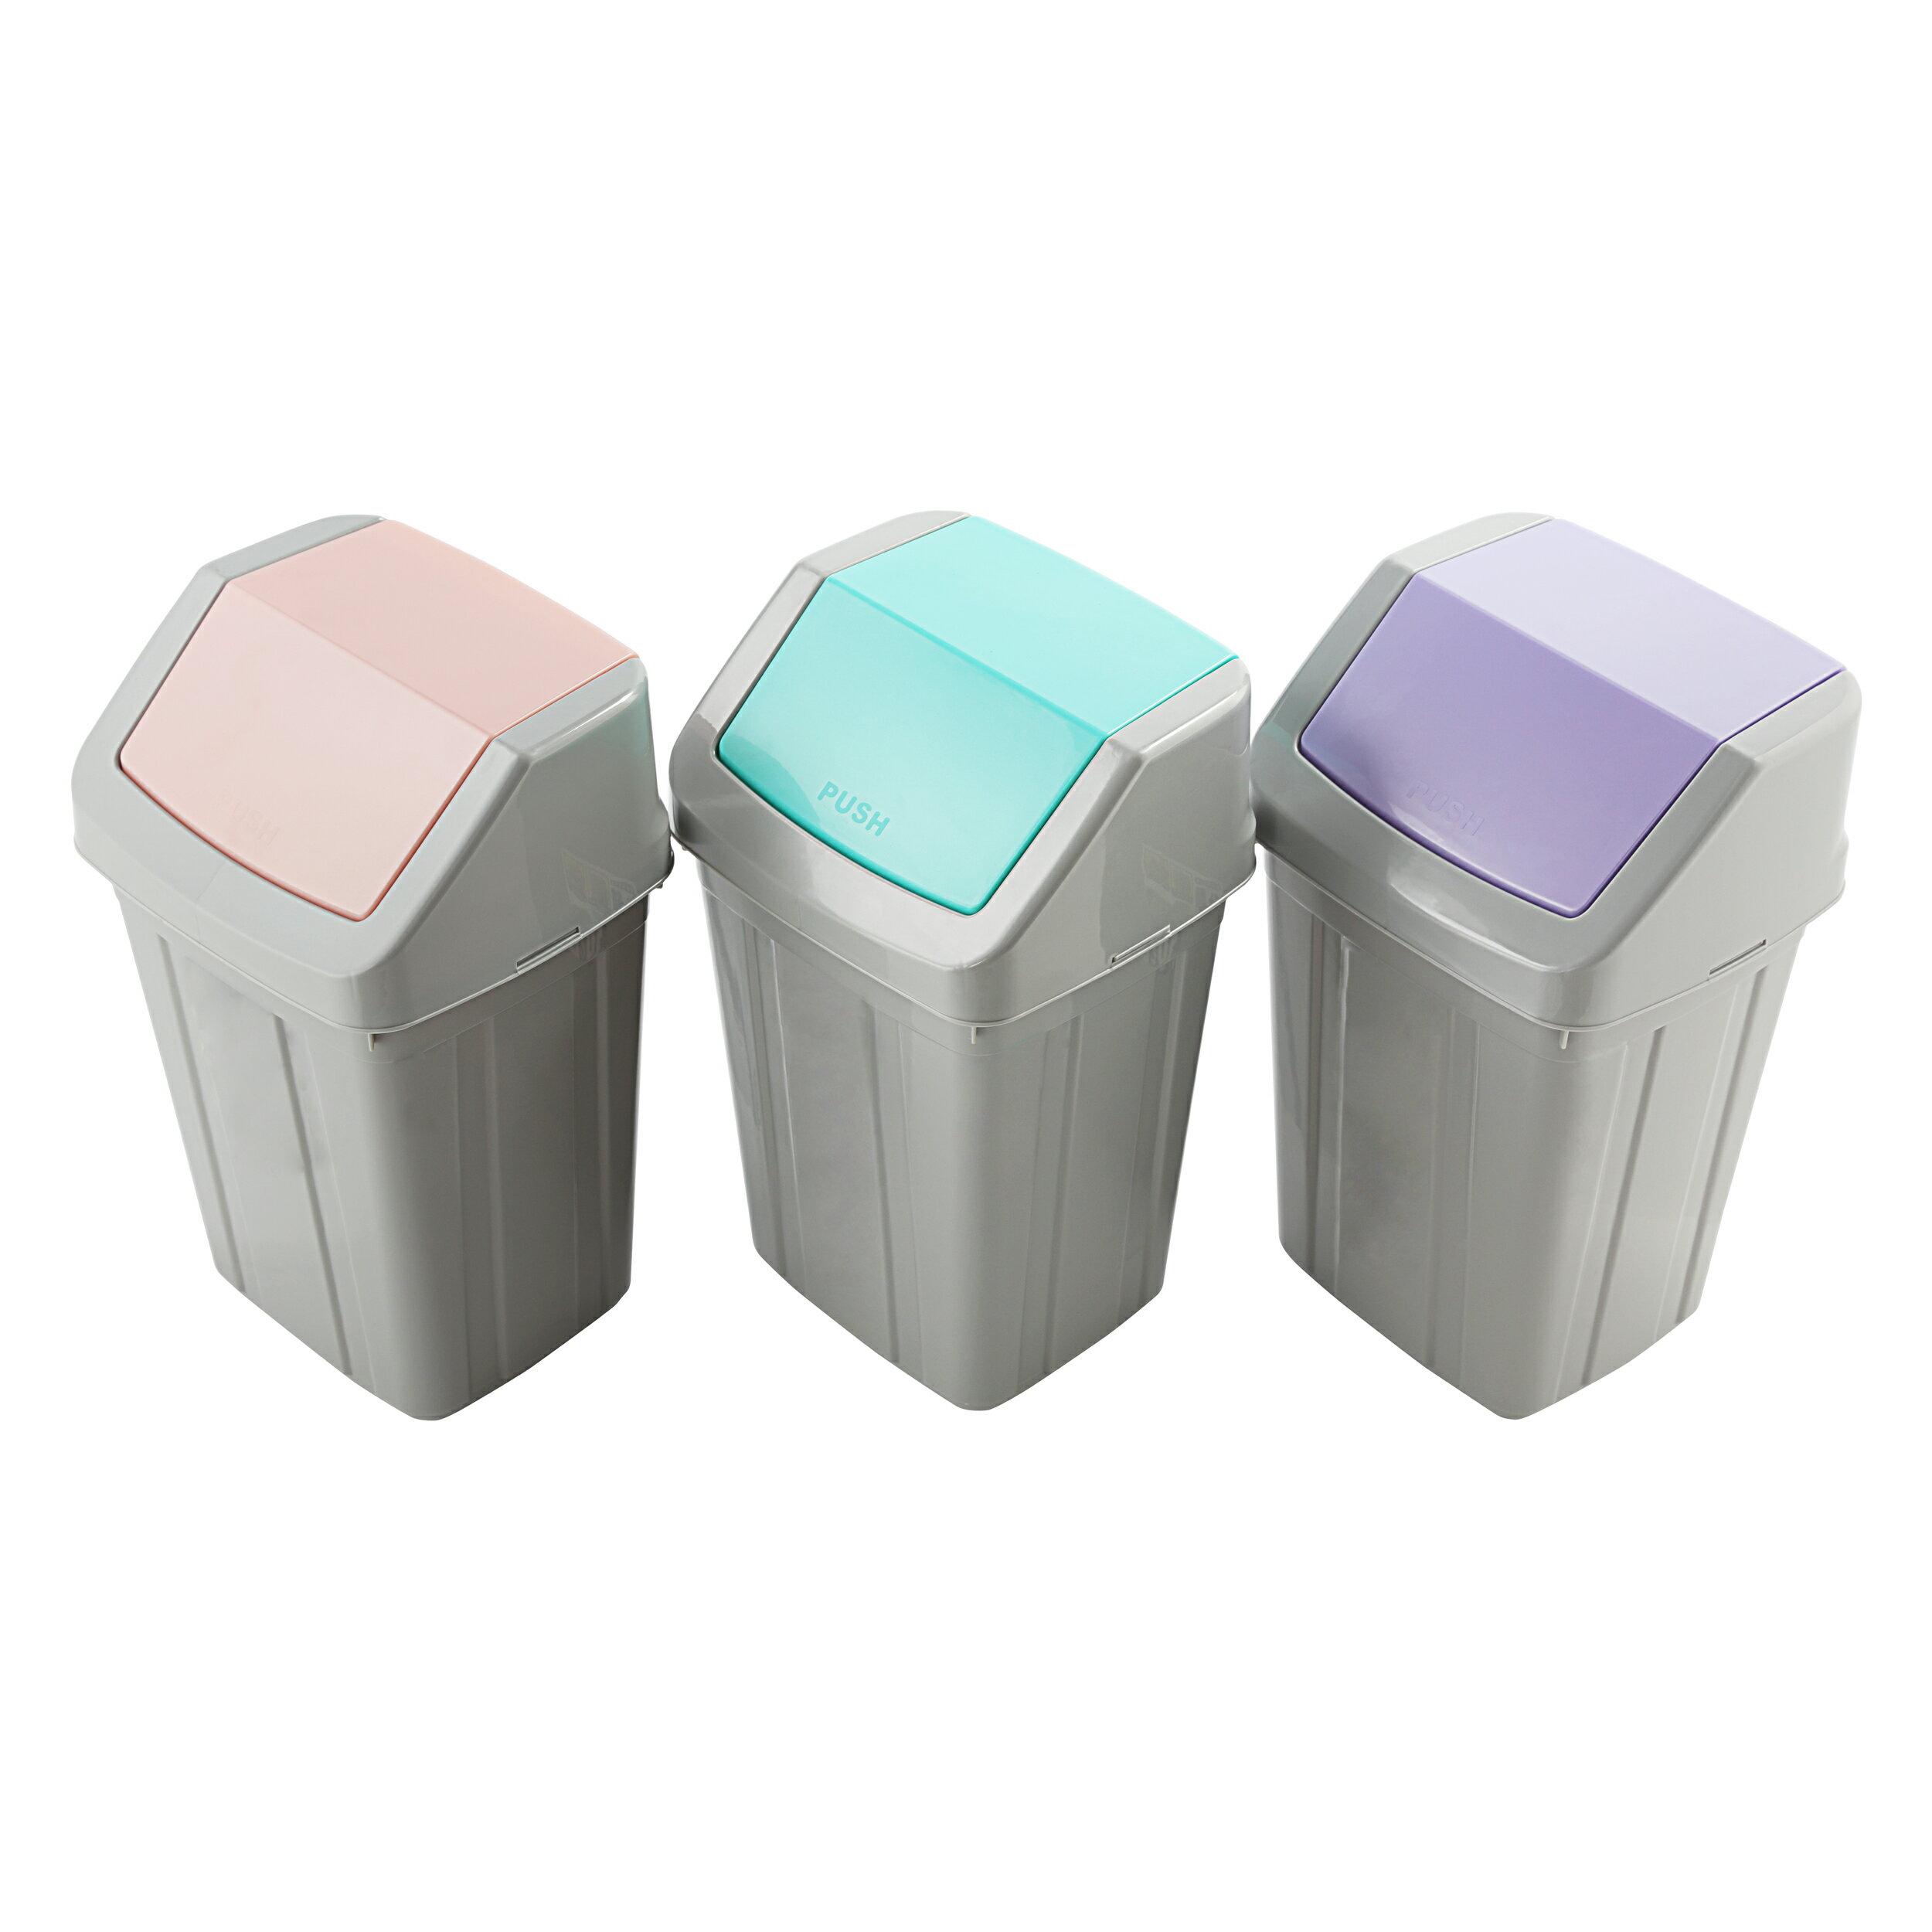 搖蓋垃圾桶/環保概念/MIT台灣製造 美式附蓋垃圾桶 C030 KEYWAY聯府